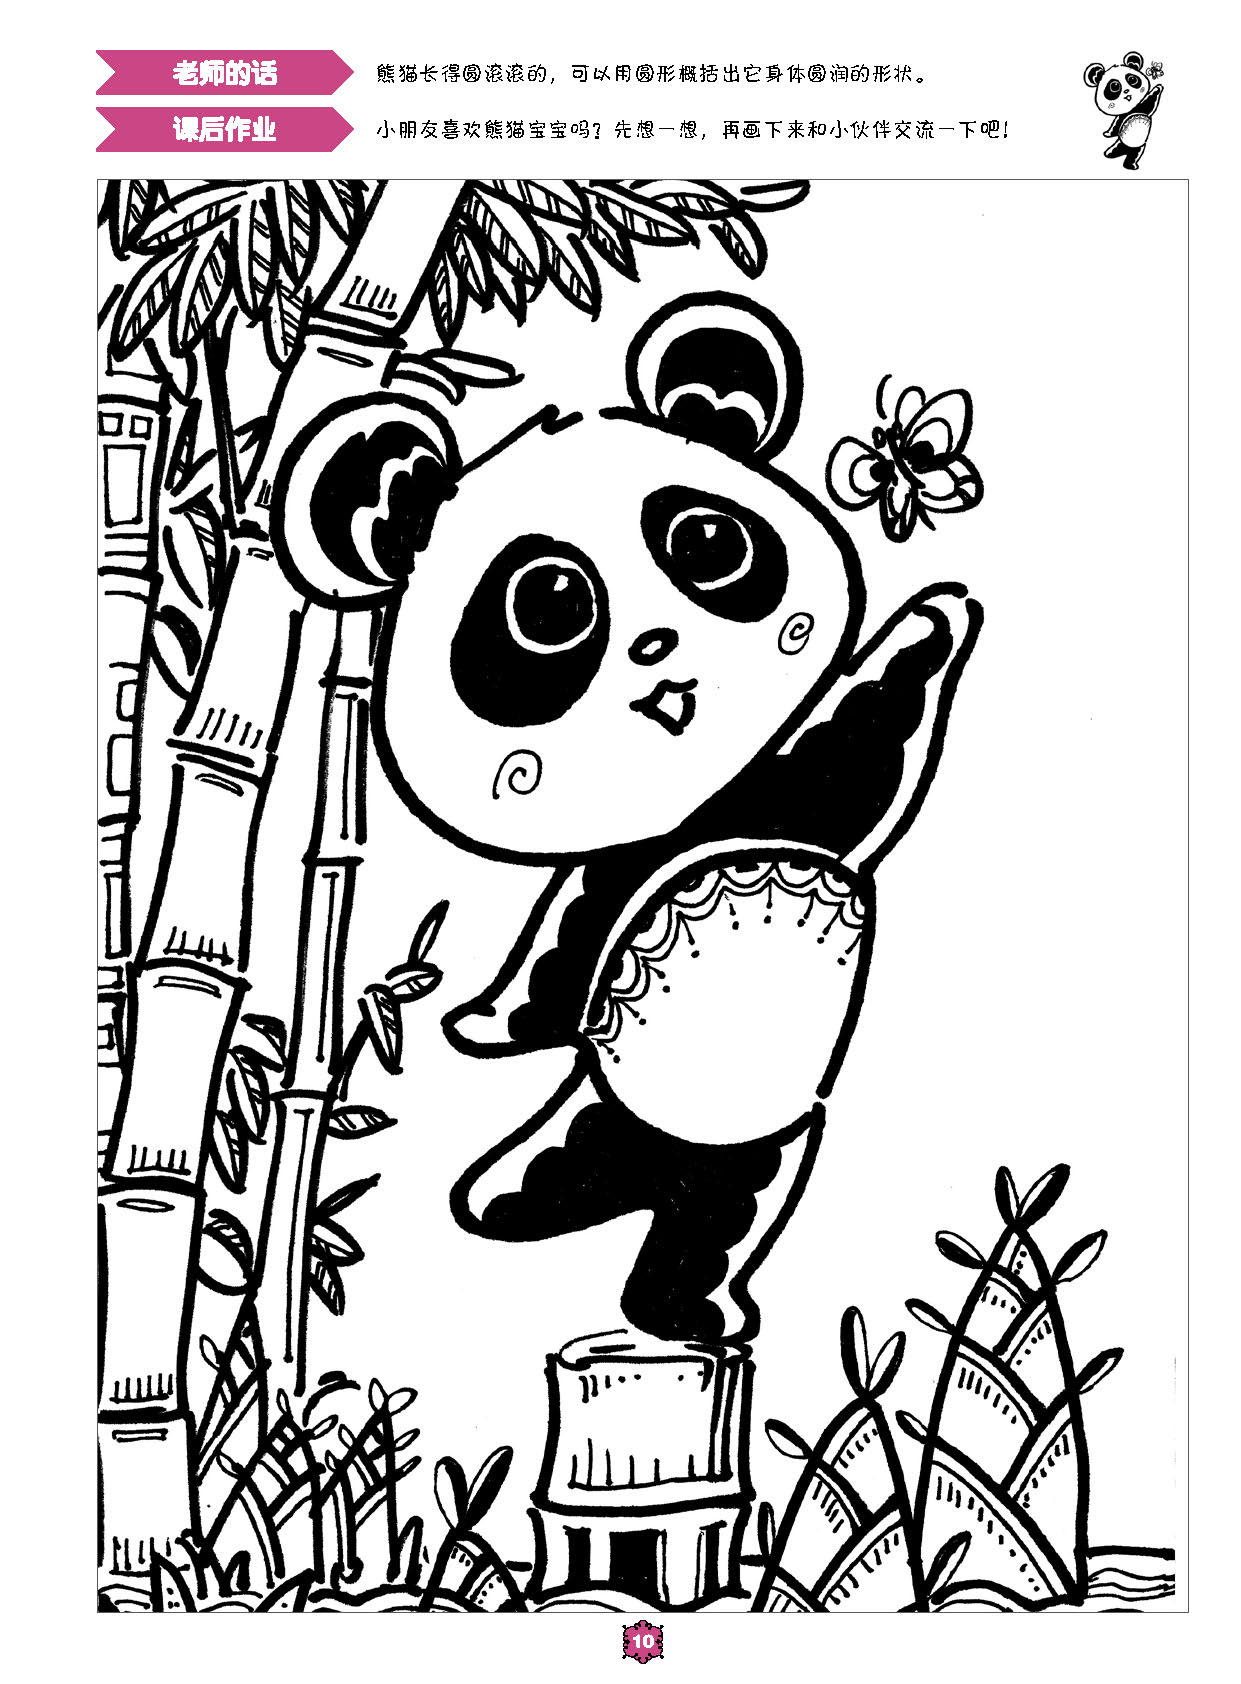 敲门砖 启蒙小画家 线描·创意篇植物人物美食动物 儿童绘画画书少儿